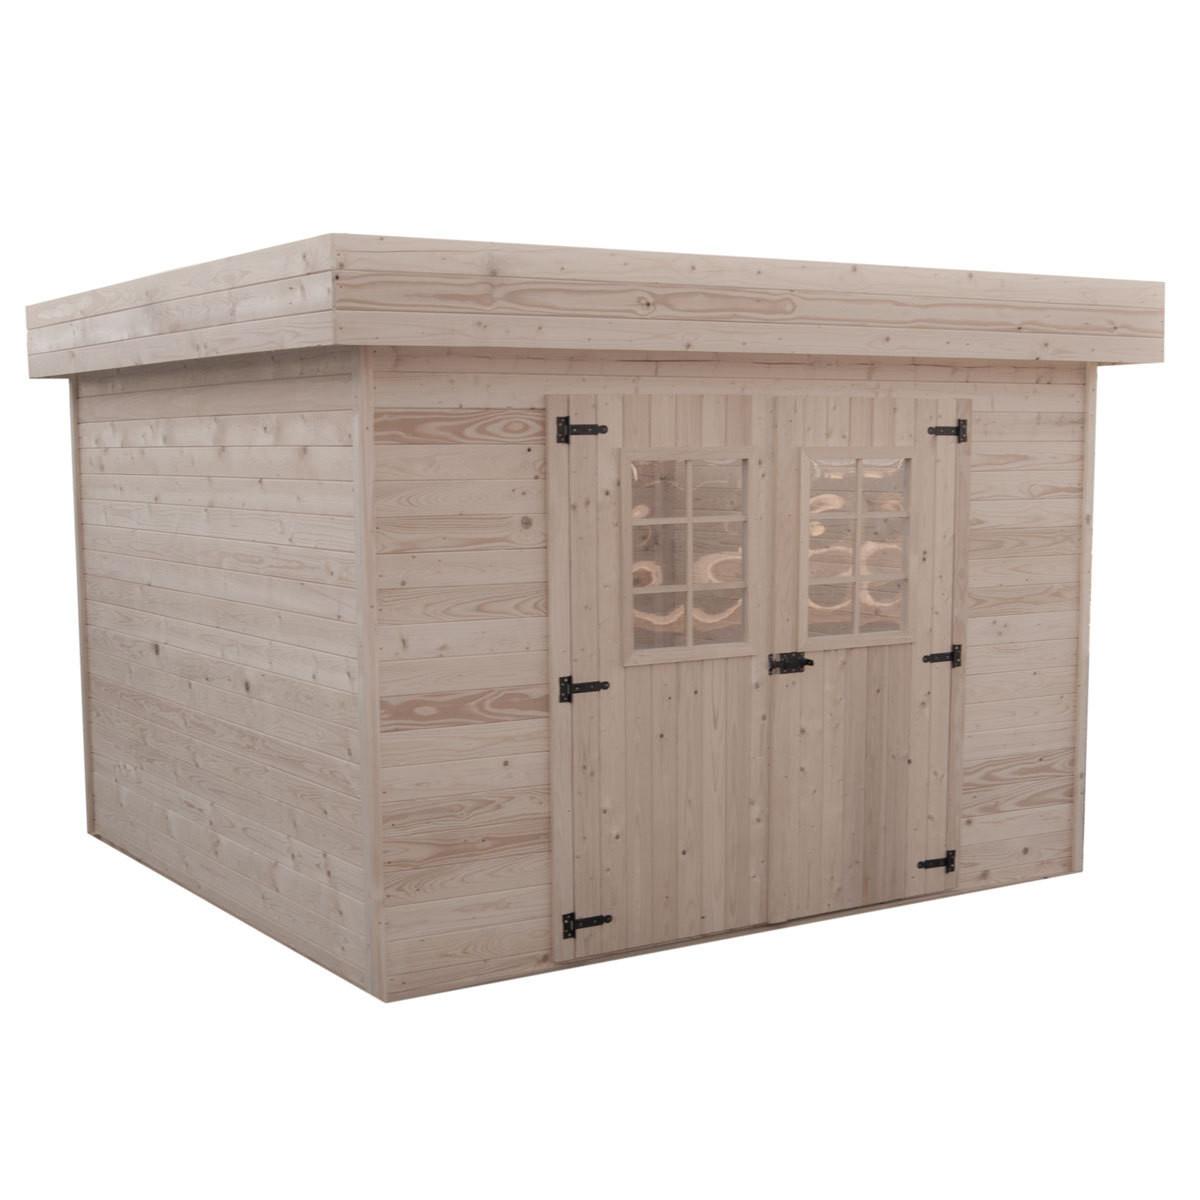 Abri en madriers massifs avec toit plat - 8,47 m²